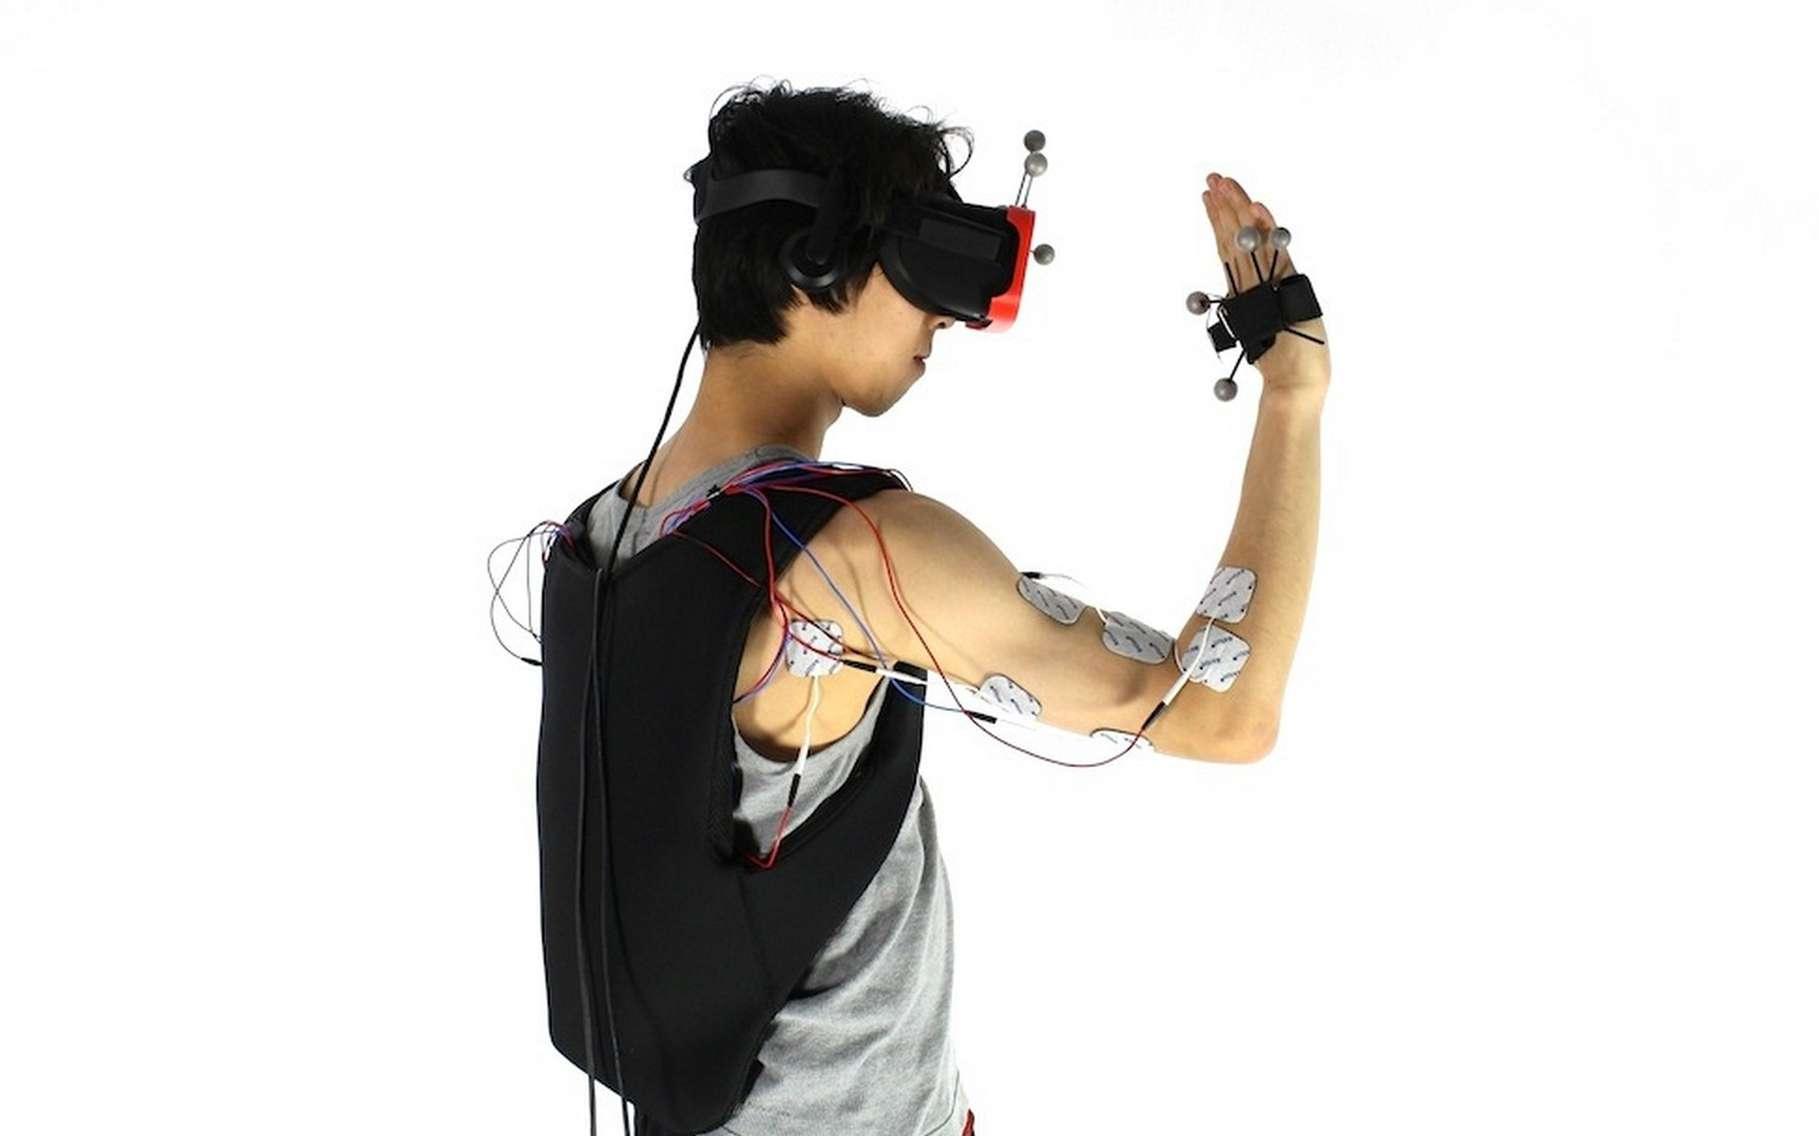 Le dispositif d'électrostimulation conçu par une équipe de l'institut Hasso Plattner est semble-t-il efficace mais pas franchement pratique. © Hasso-Plattner Institute